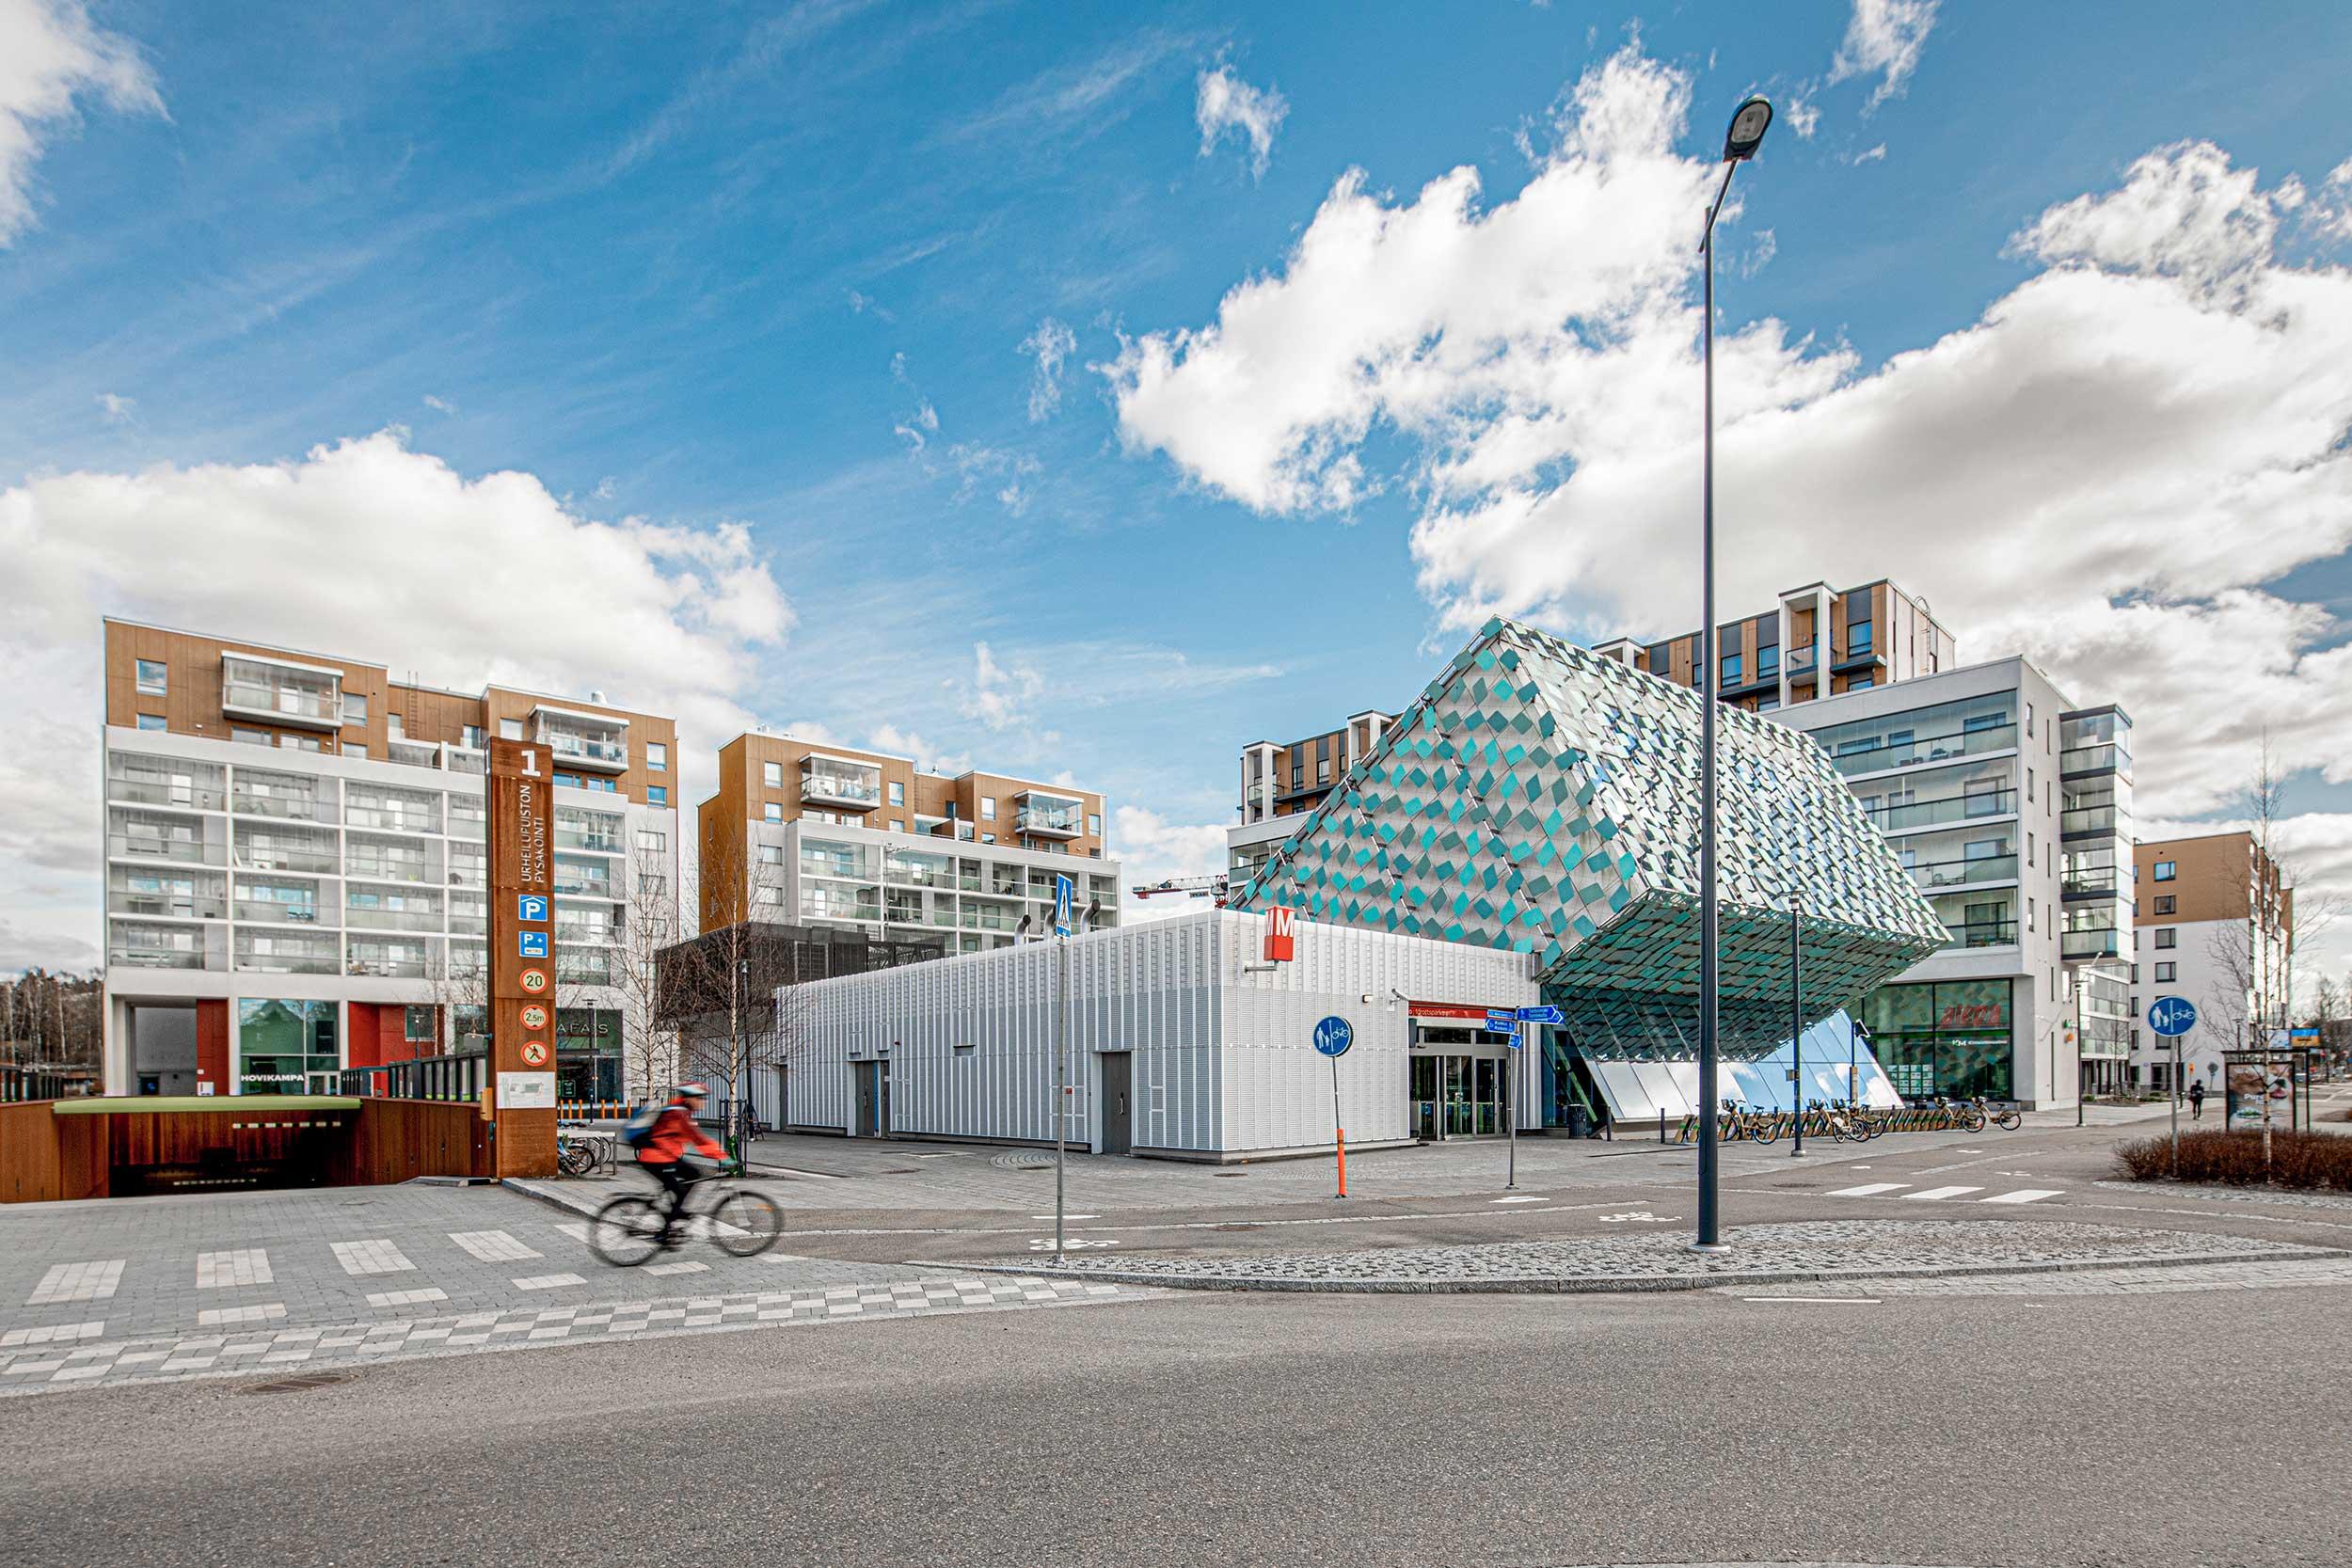 raikas arkkitehtuurinen rakennus sininen taivas